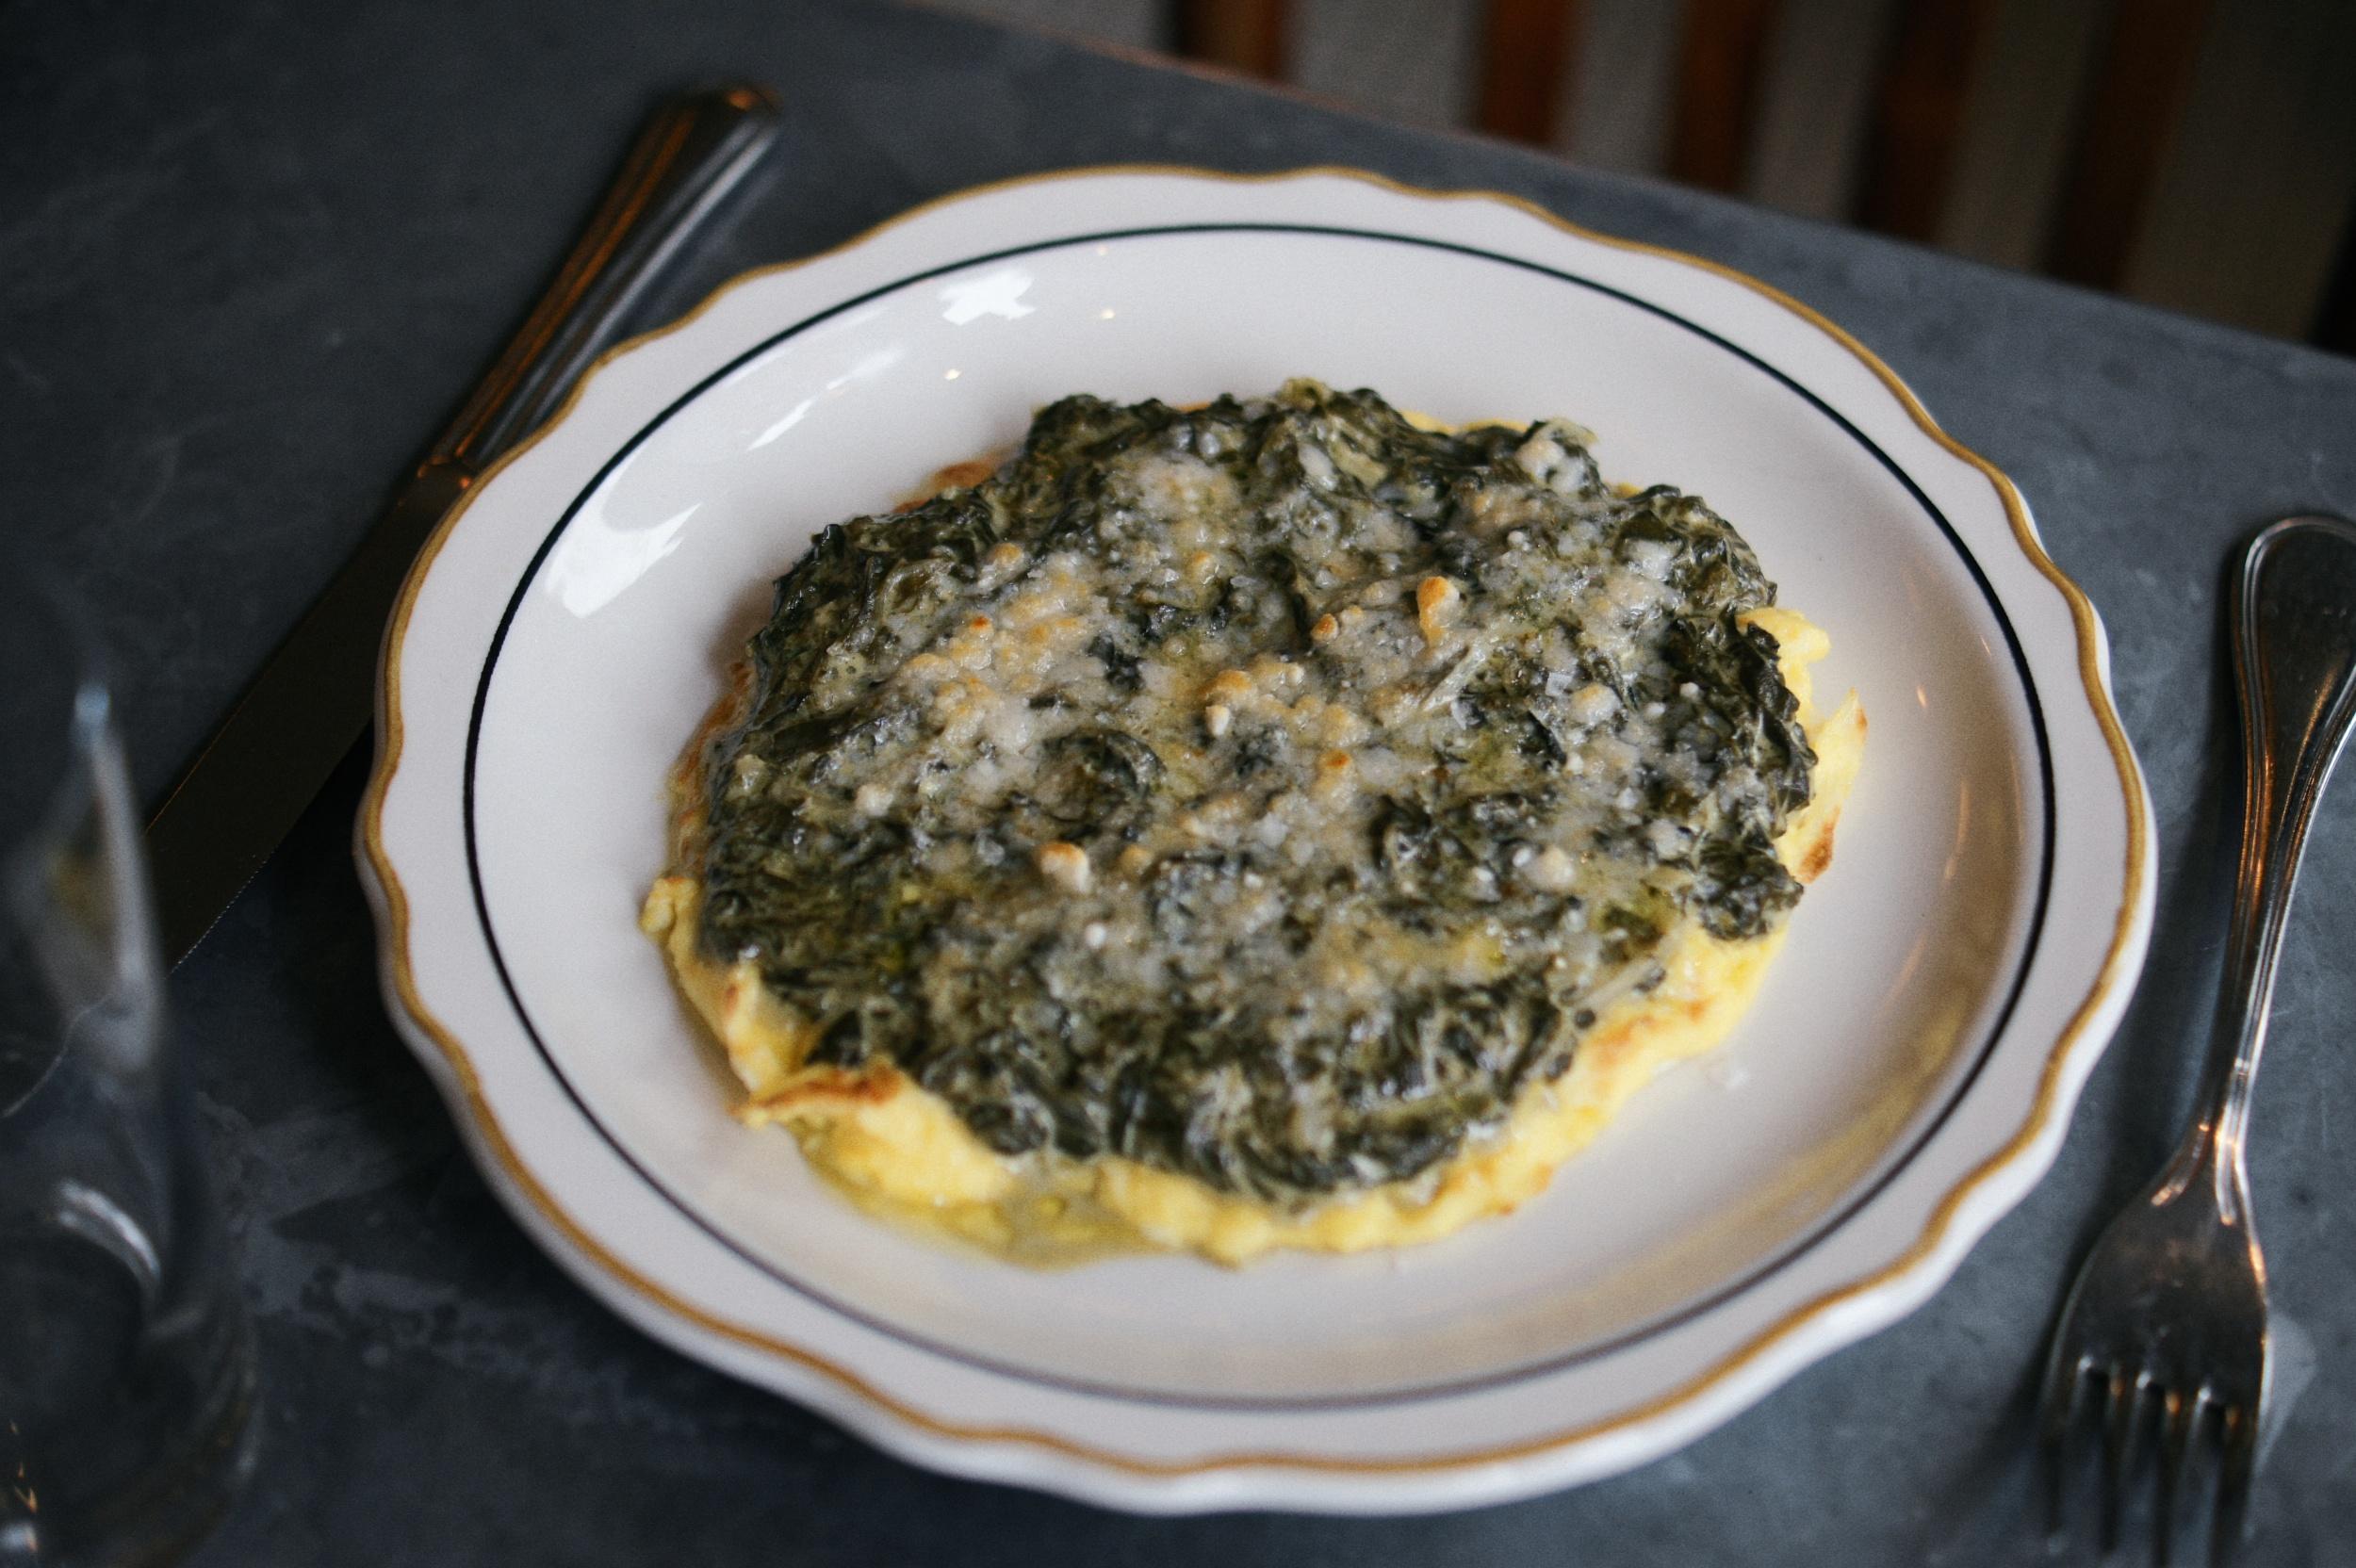 Calliope melds taste of Mediterranean with New York City